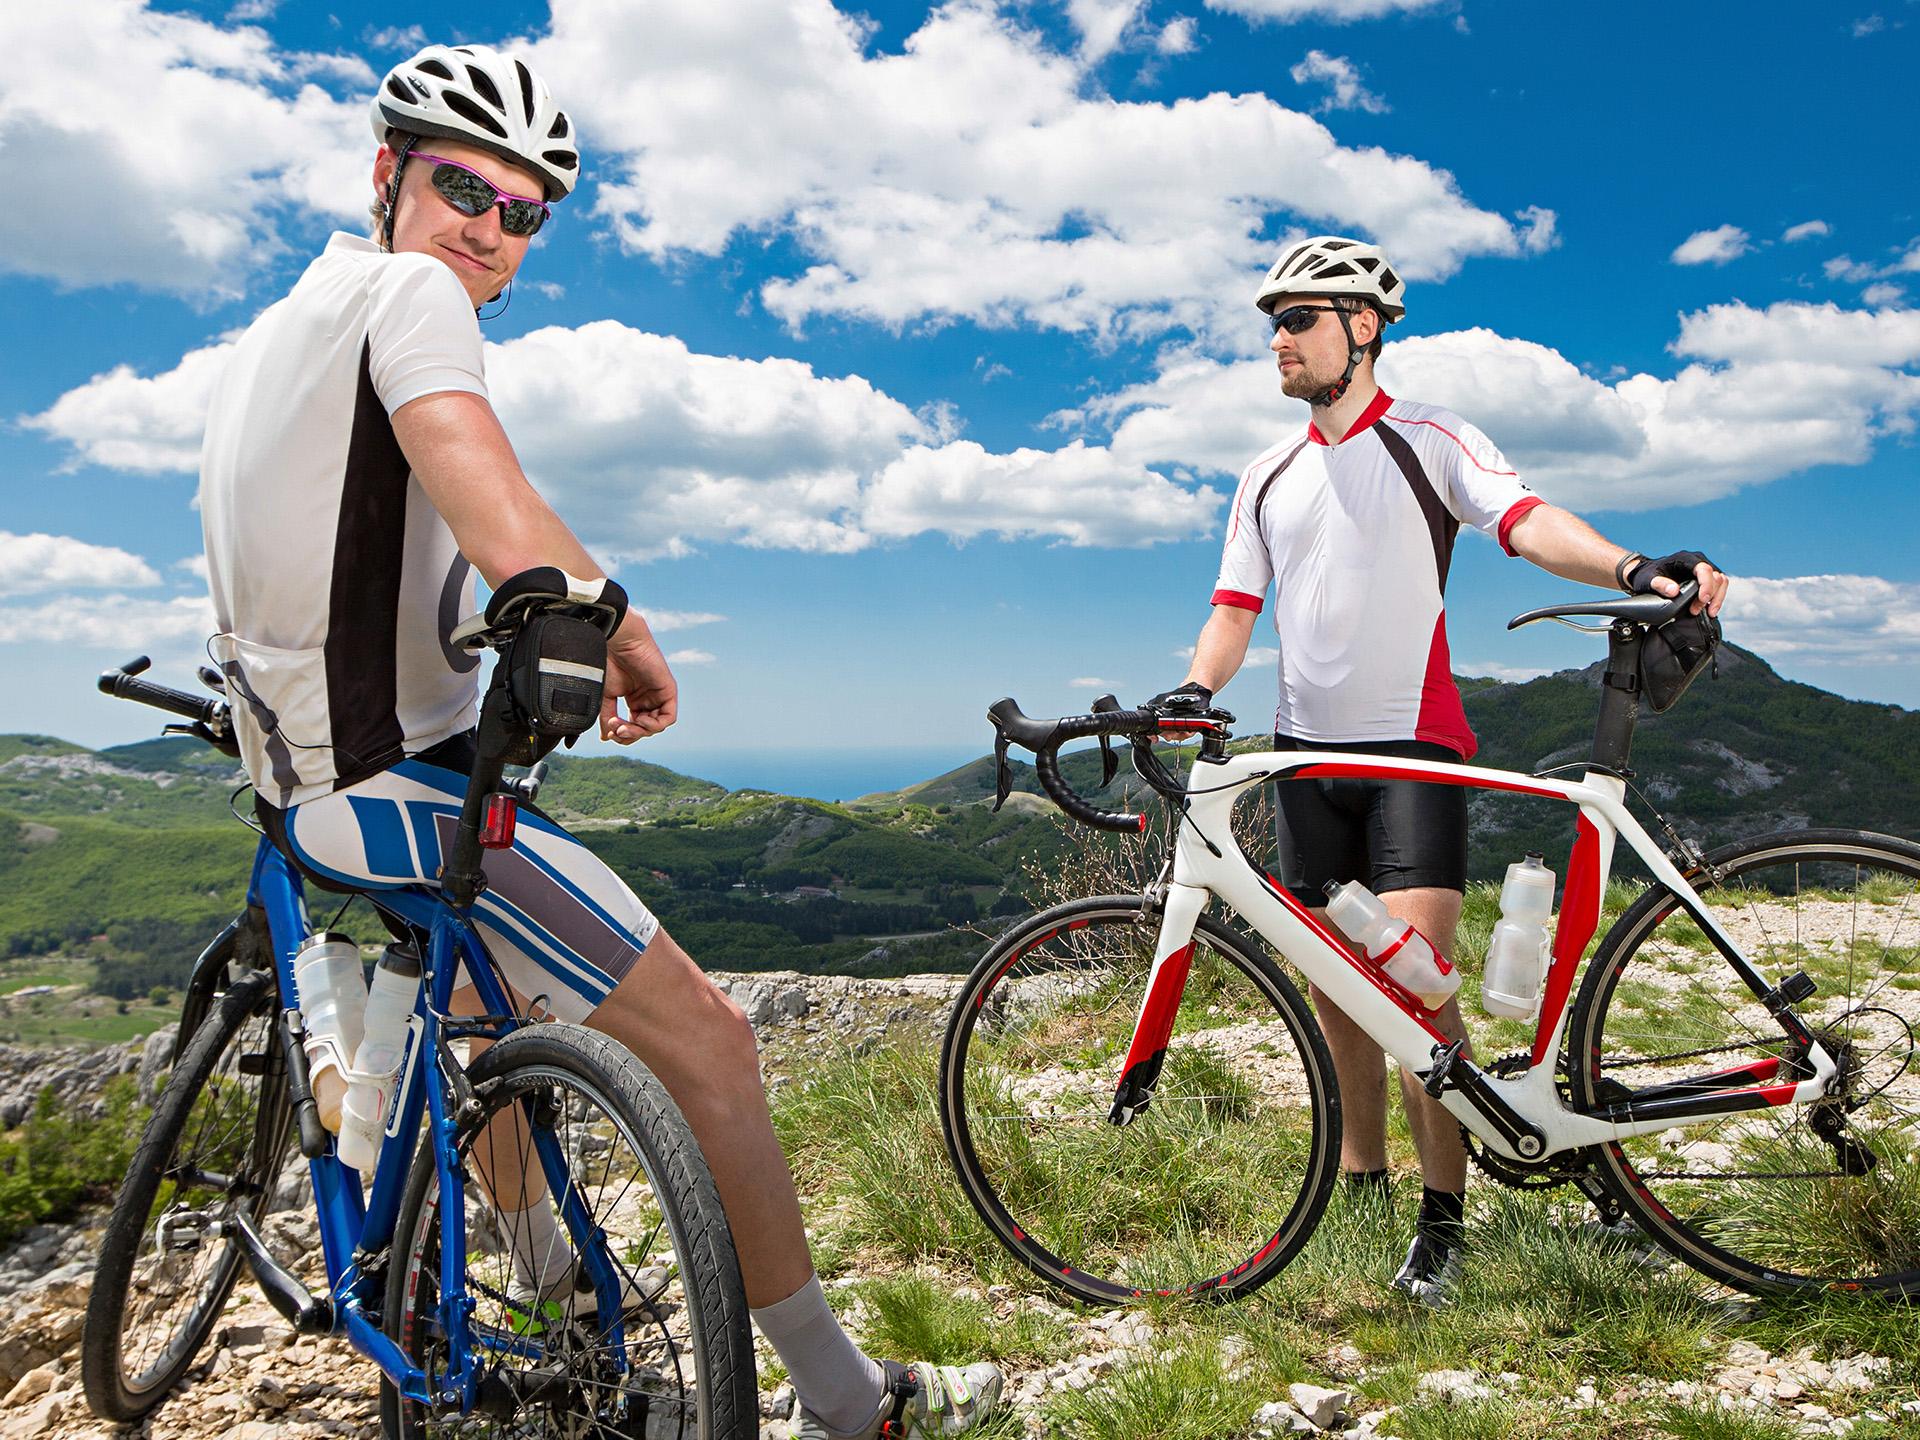 Få tilbud på sykkeltrøyer